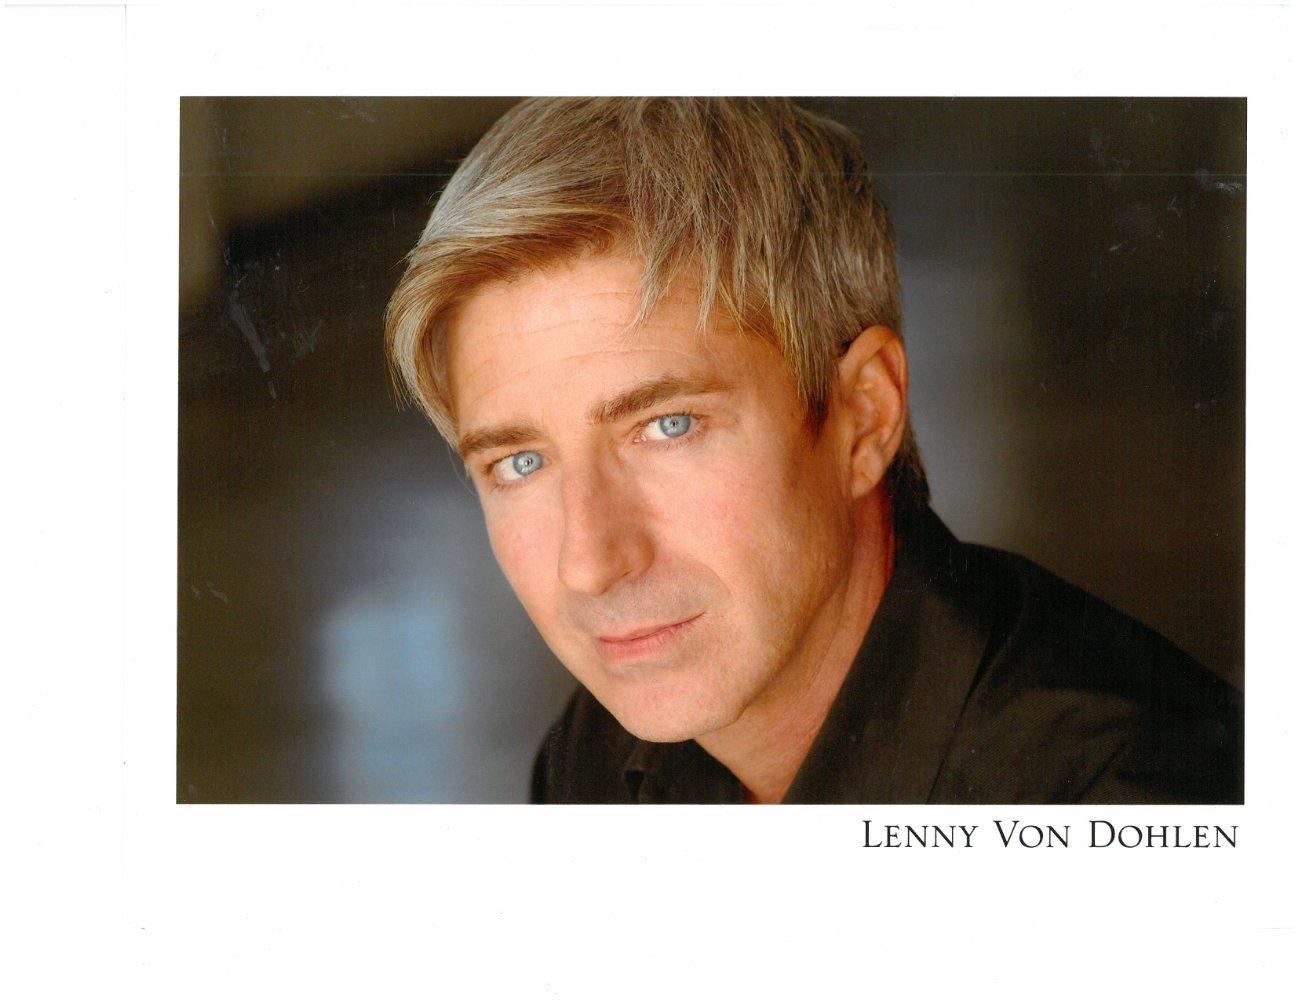 Lenny von Dohlen